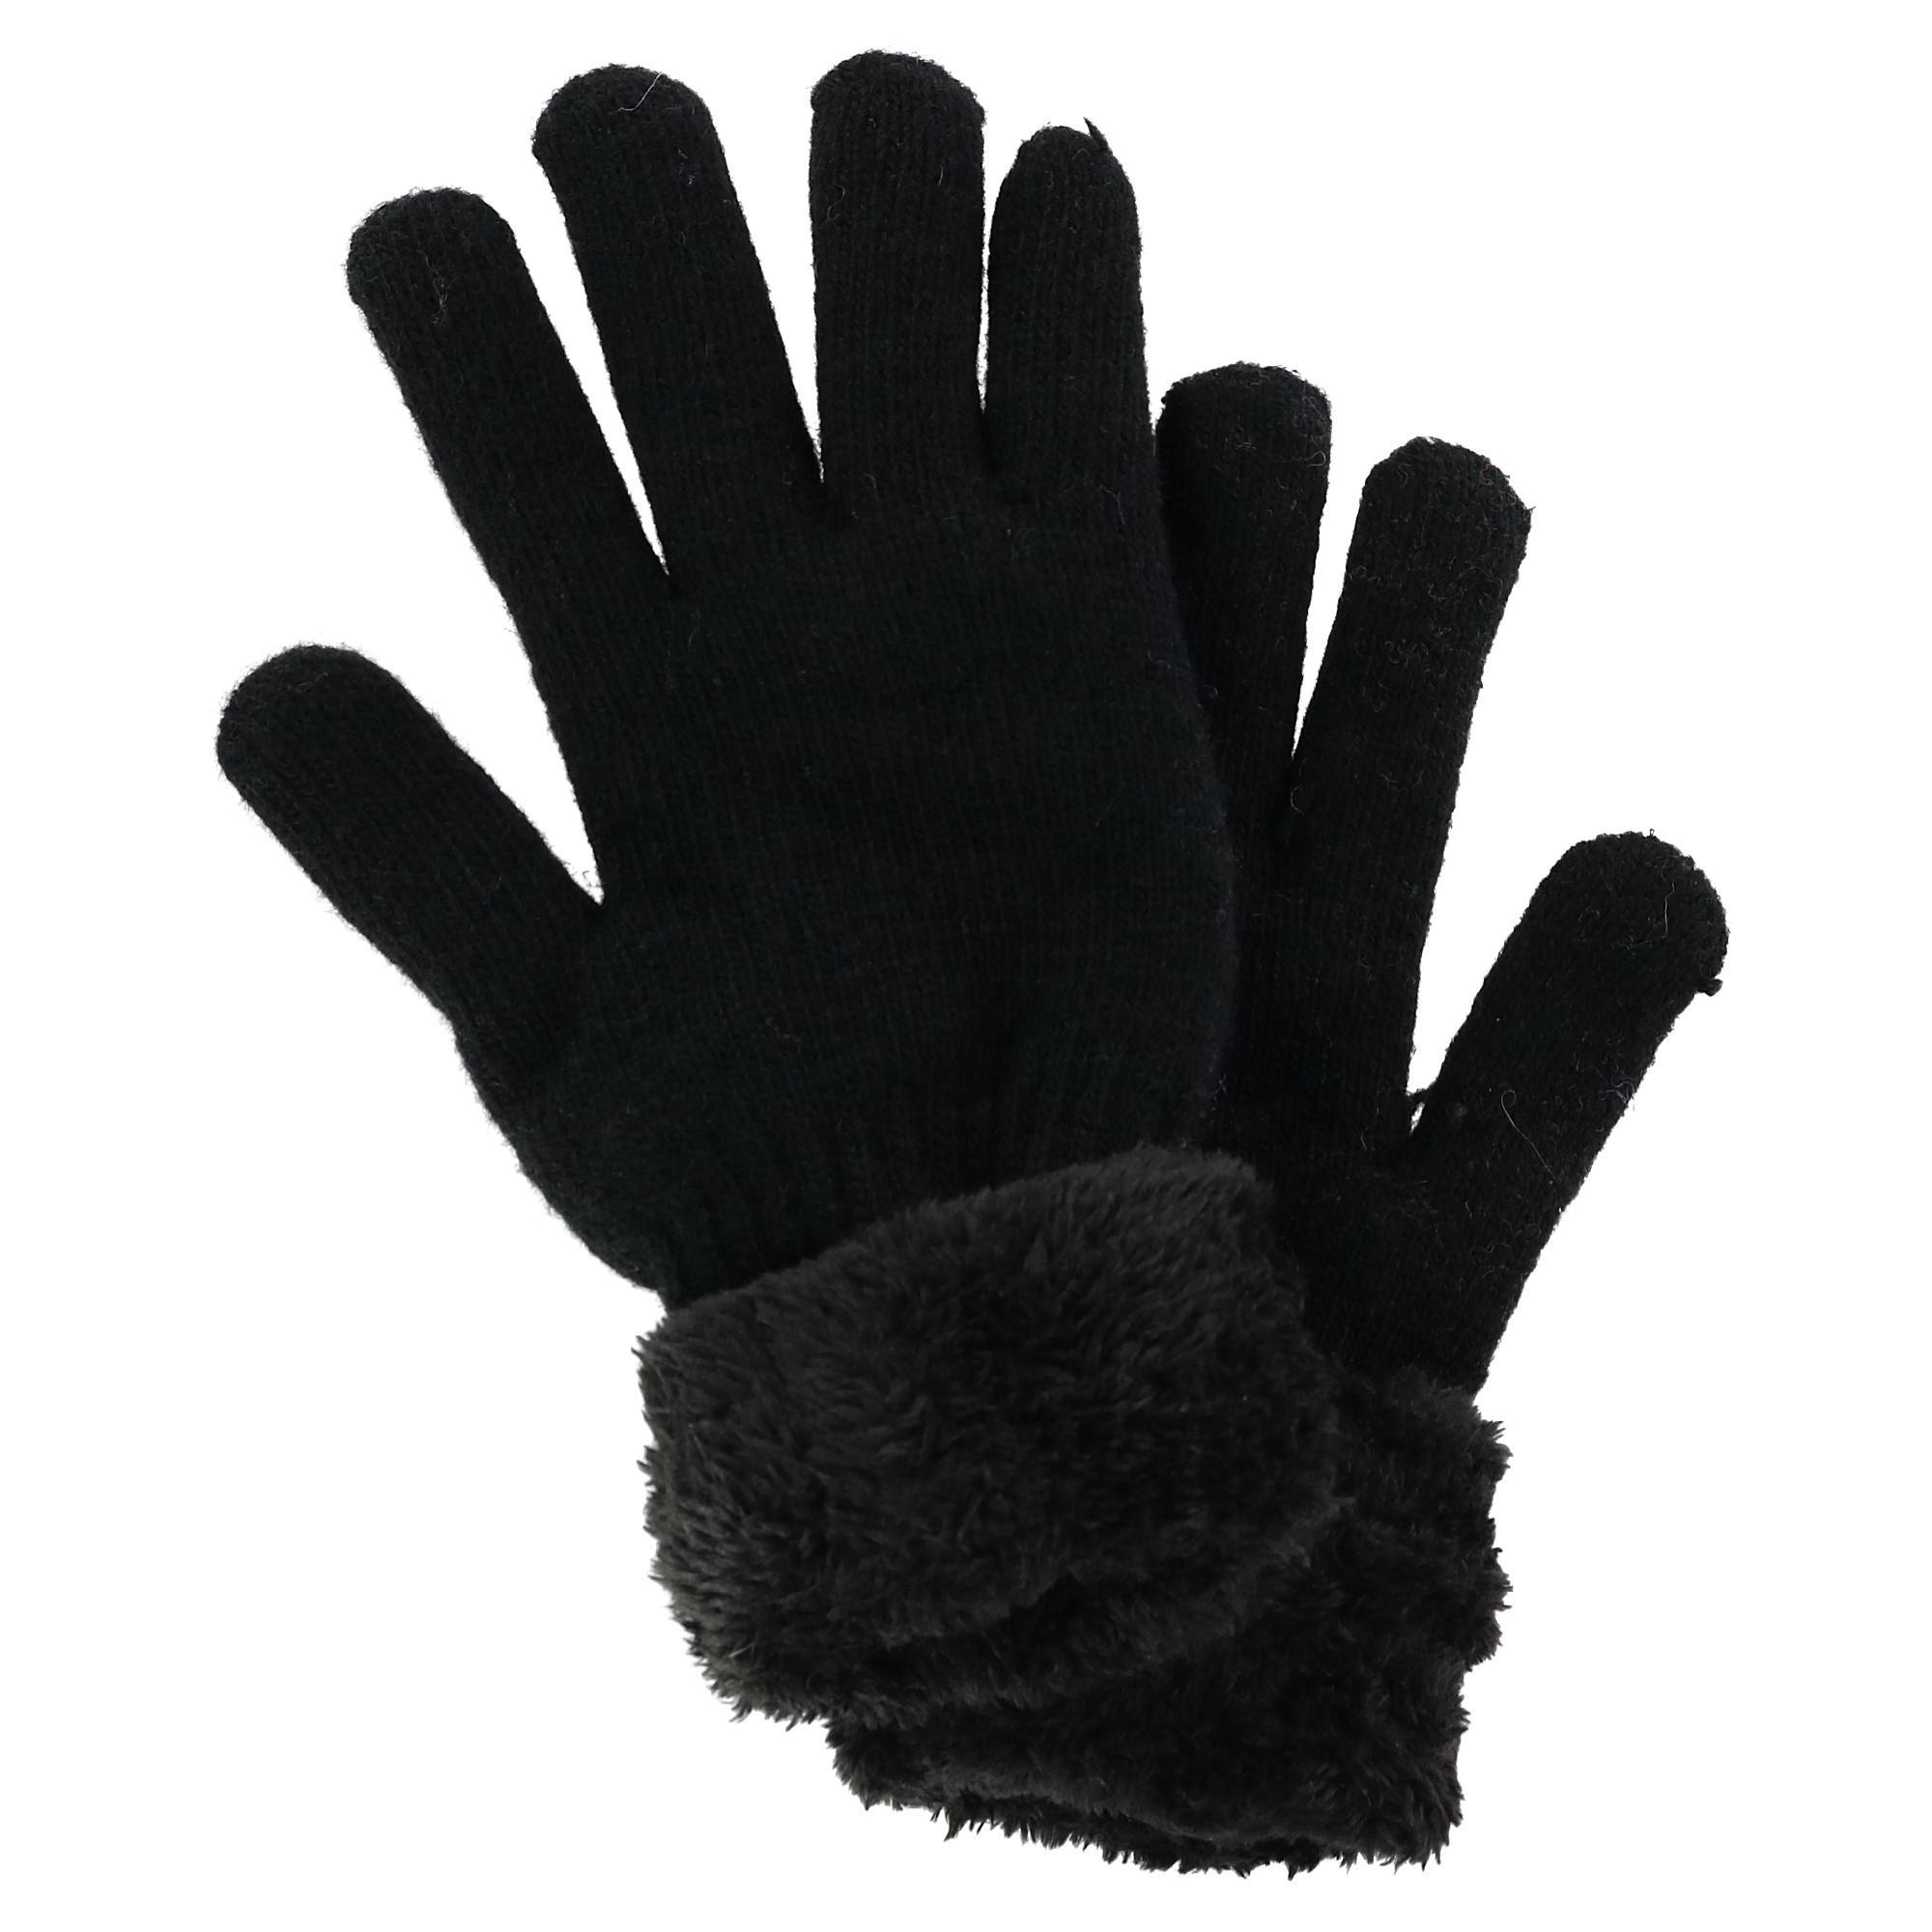 Clear Creek Women's Sherpa Lined Winter Glove - Black one size